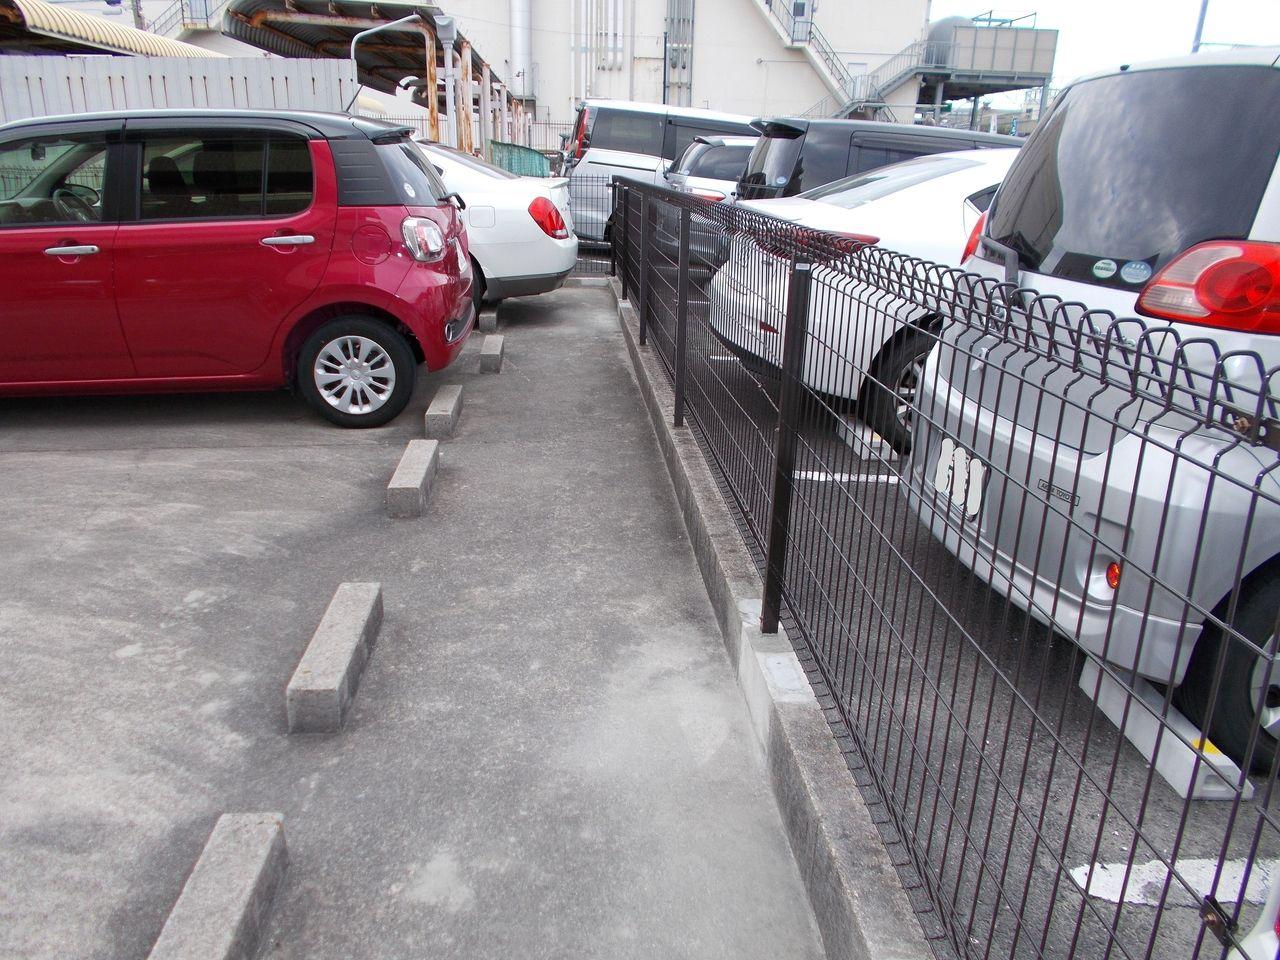 隣地法人がマンションに面した駐車場には全て輪止めを設置してくれました。ありがとうございます。